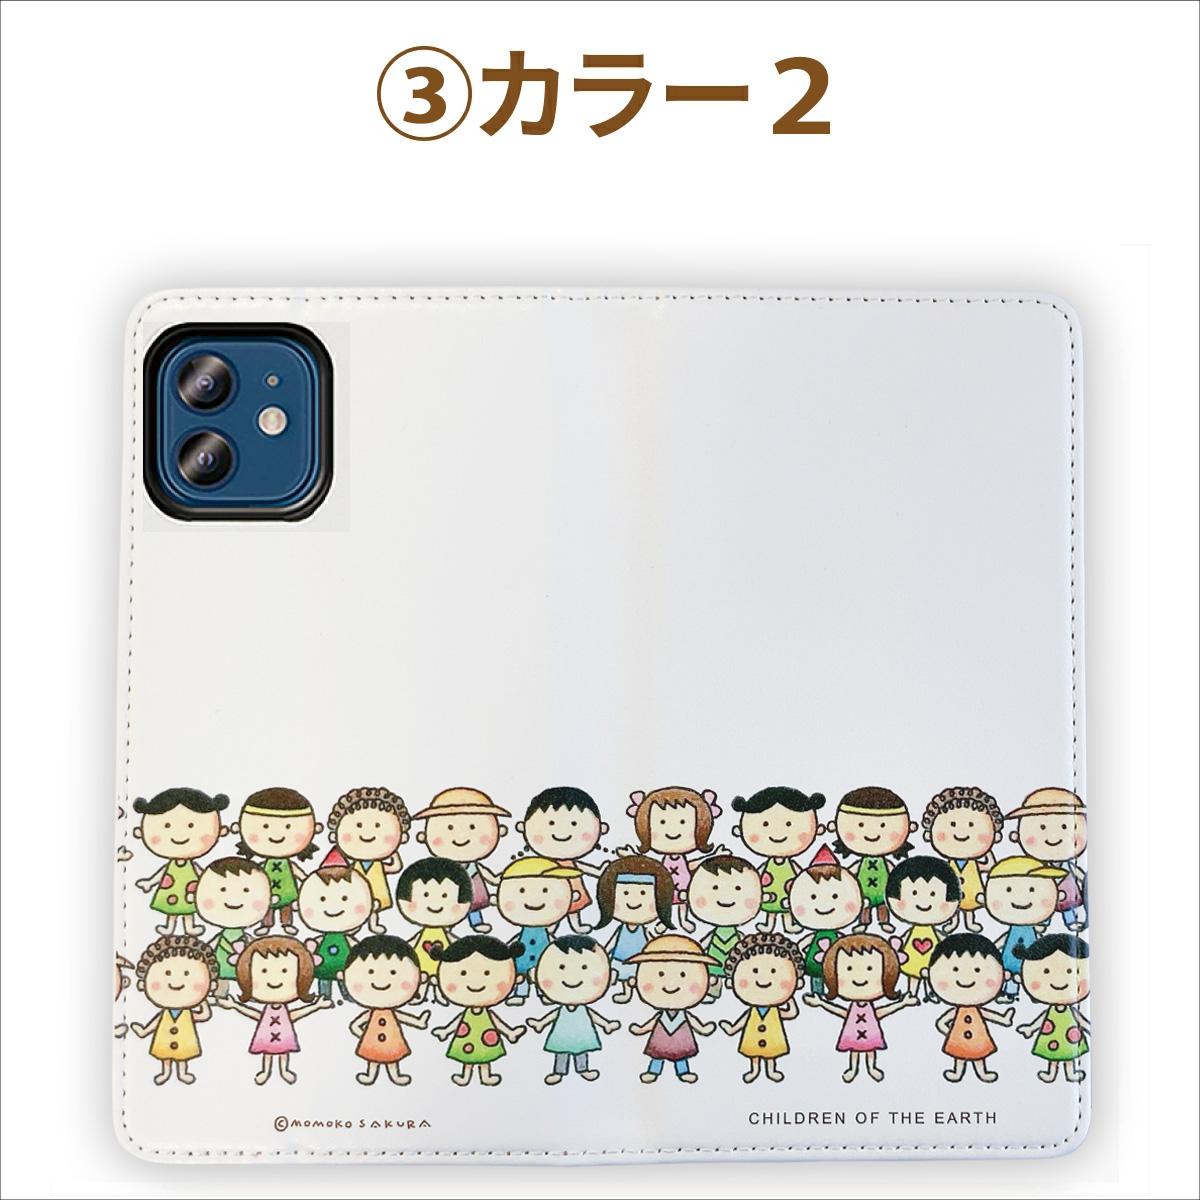 さくらももこ 地球の子供たち  iPhone 13 iPhone 12 ケース iPhone 11 Pro Max カバー iPhone12 mini 手帳型ケース  iPhoneX Xs Max XR スマホケース iPhone8 iPhone7 Plus iPhone5 5s SE 6 6s Plus アイフォン 手帳型カバー 携帯ケース 携帯カバー カード収納